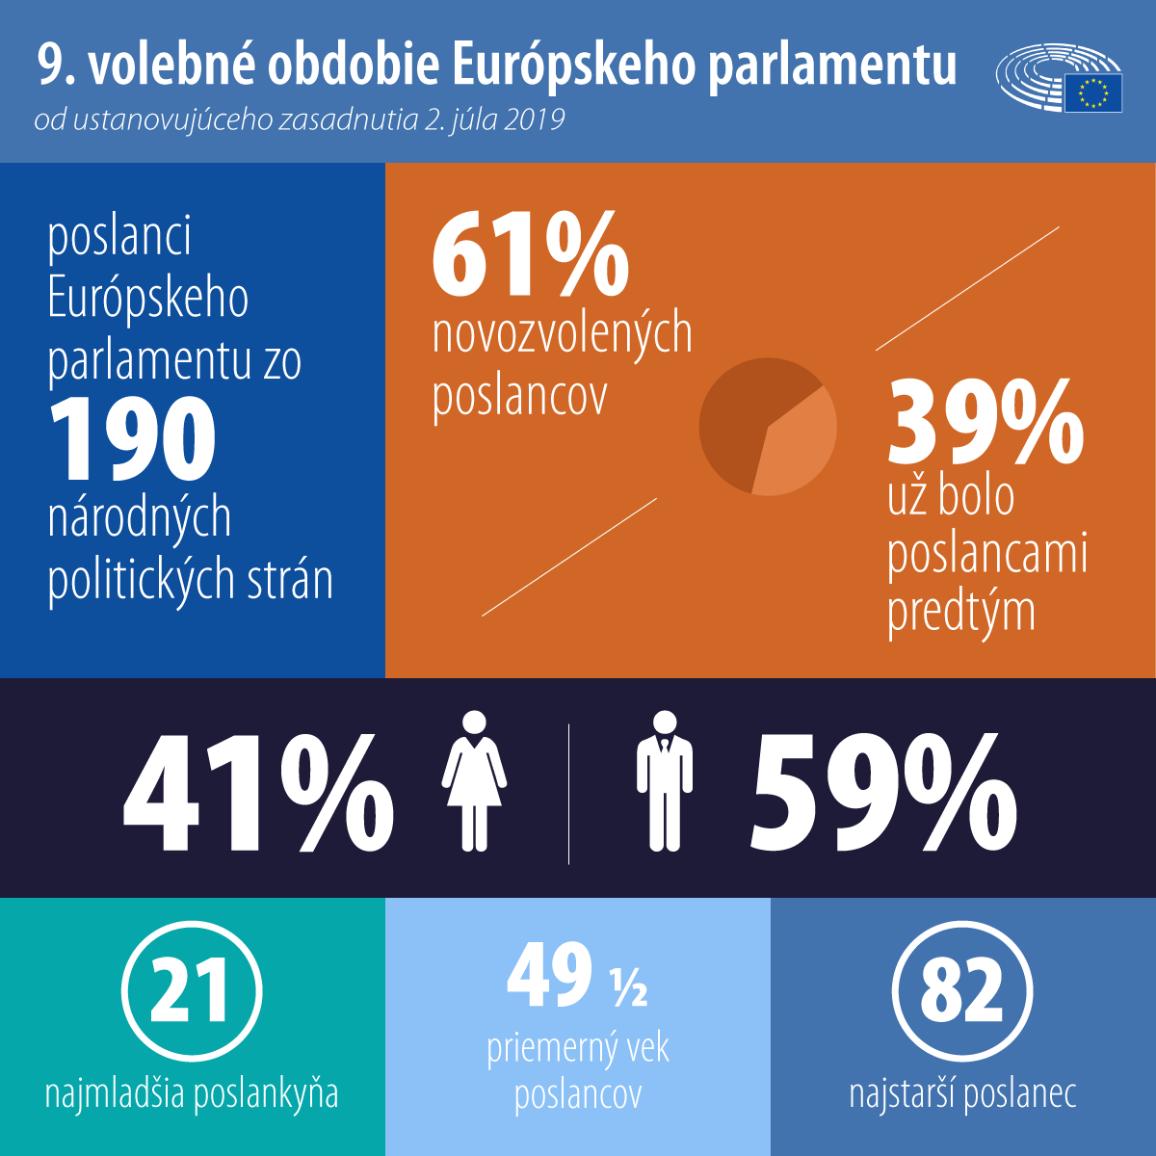 infografika s číslami o Európskom parlamente a poslancoch